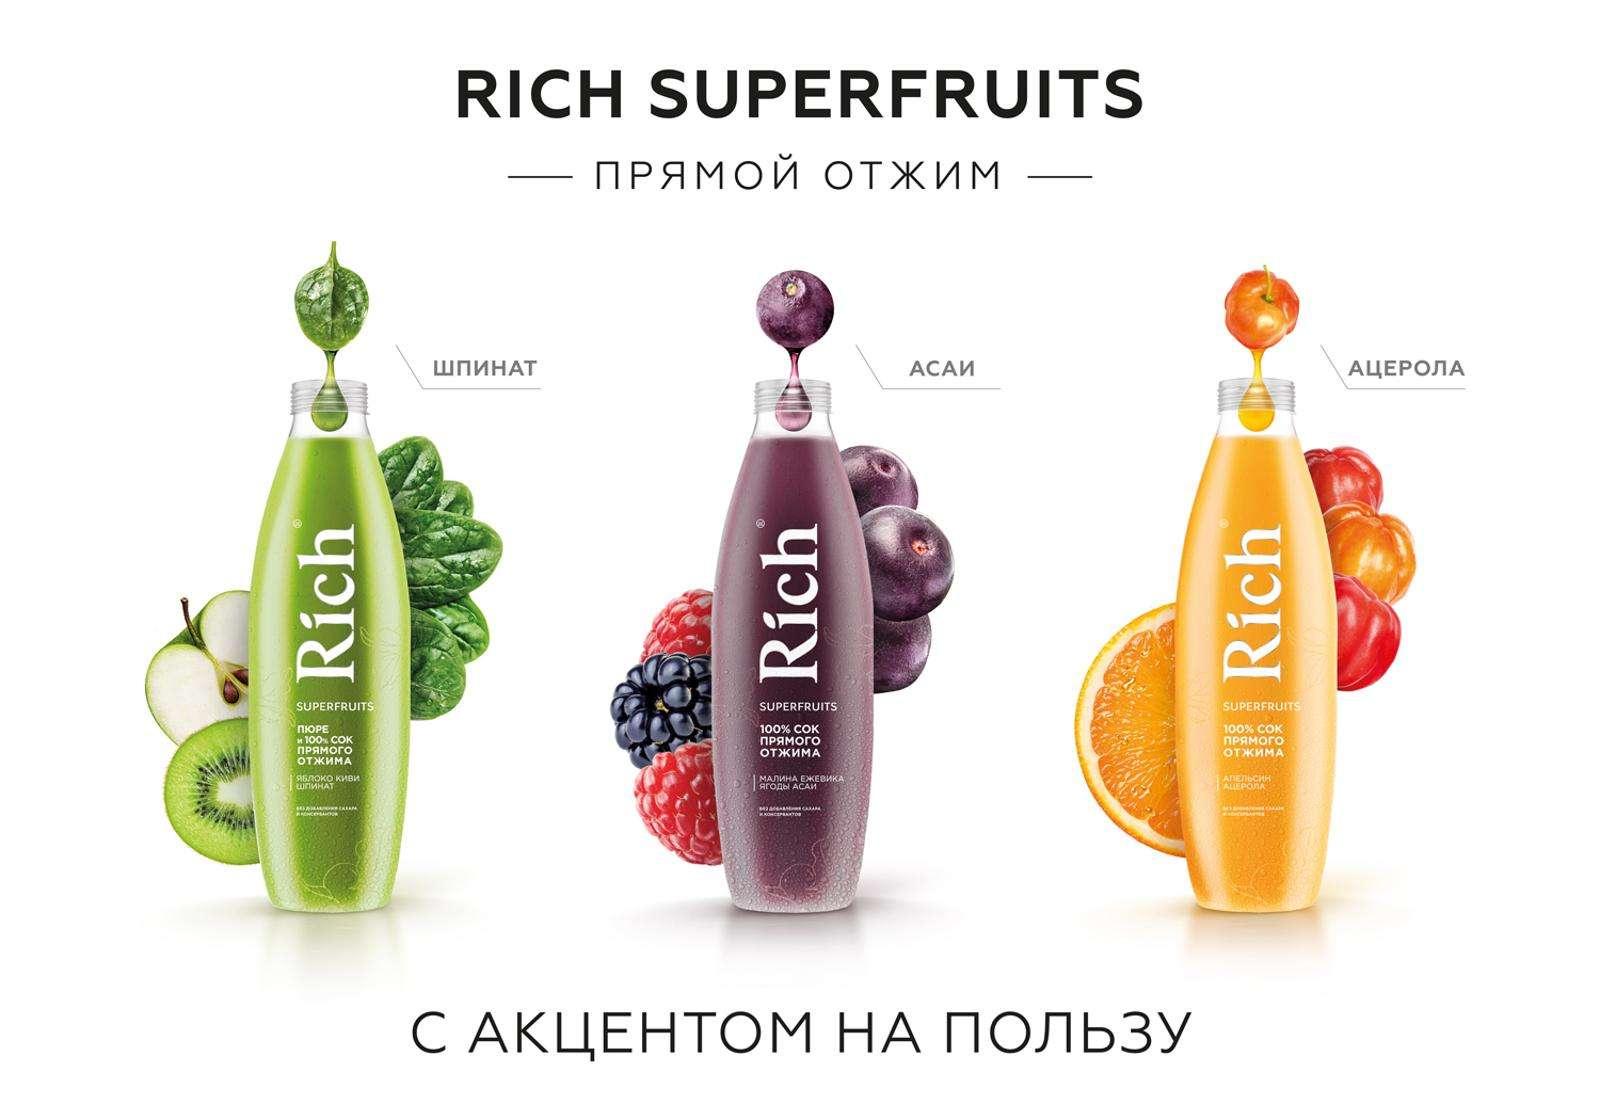 Что такое суперфрукты: все о пользе сока прямого отжима холодного хранения